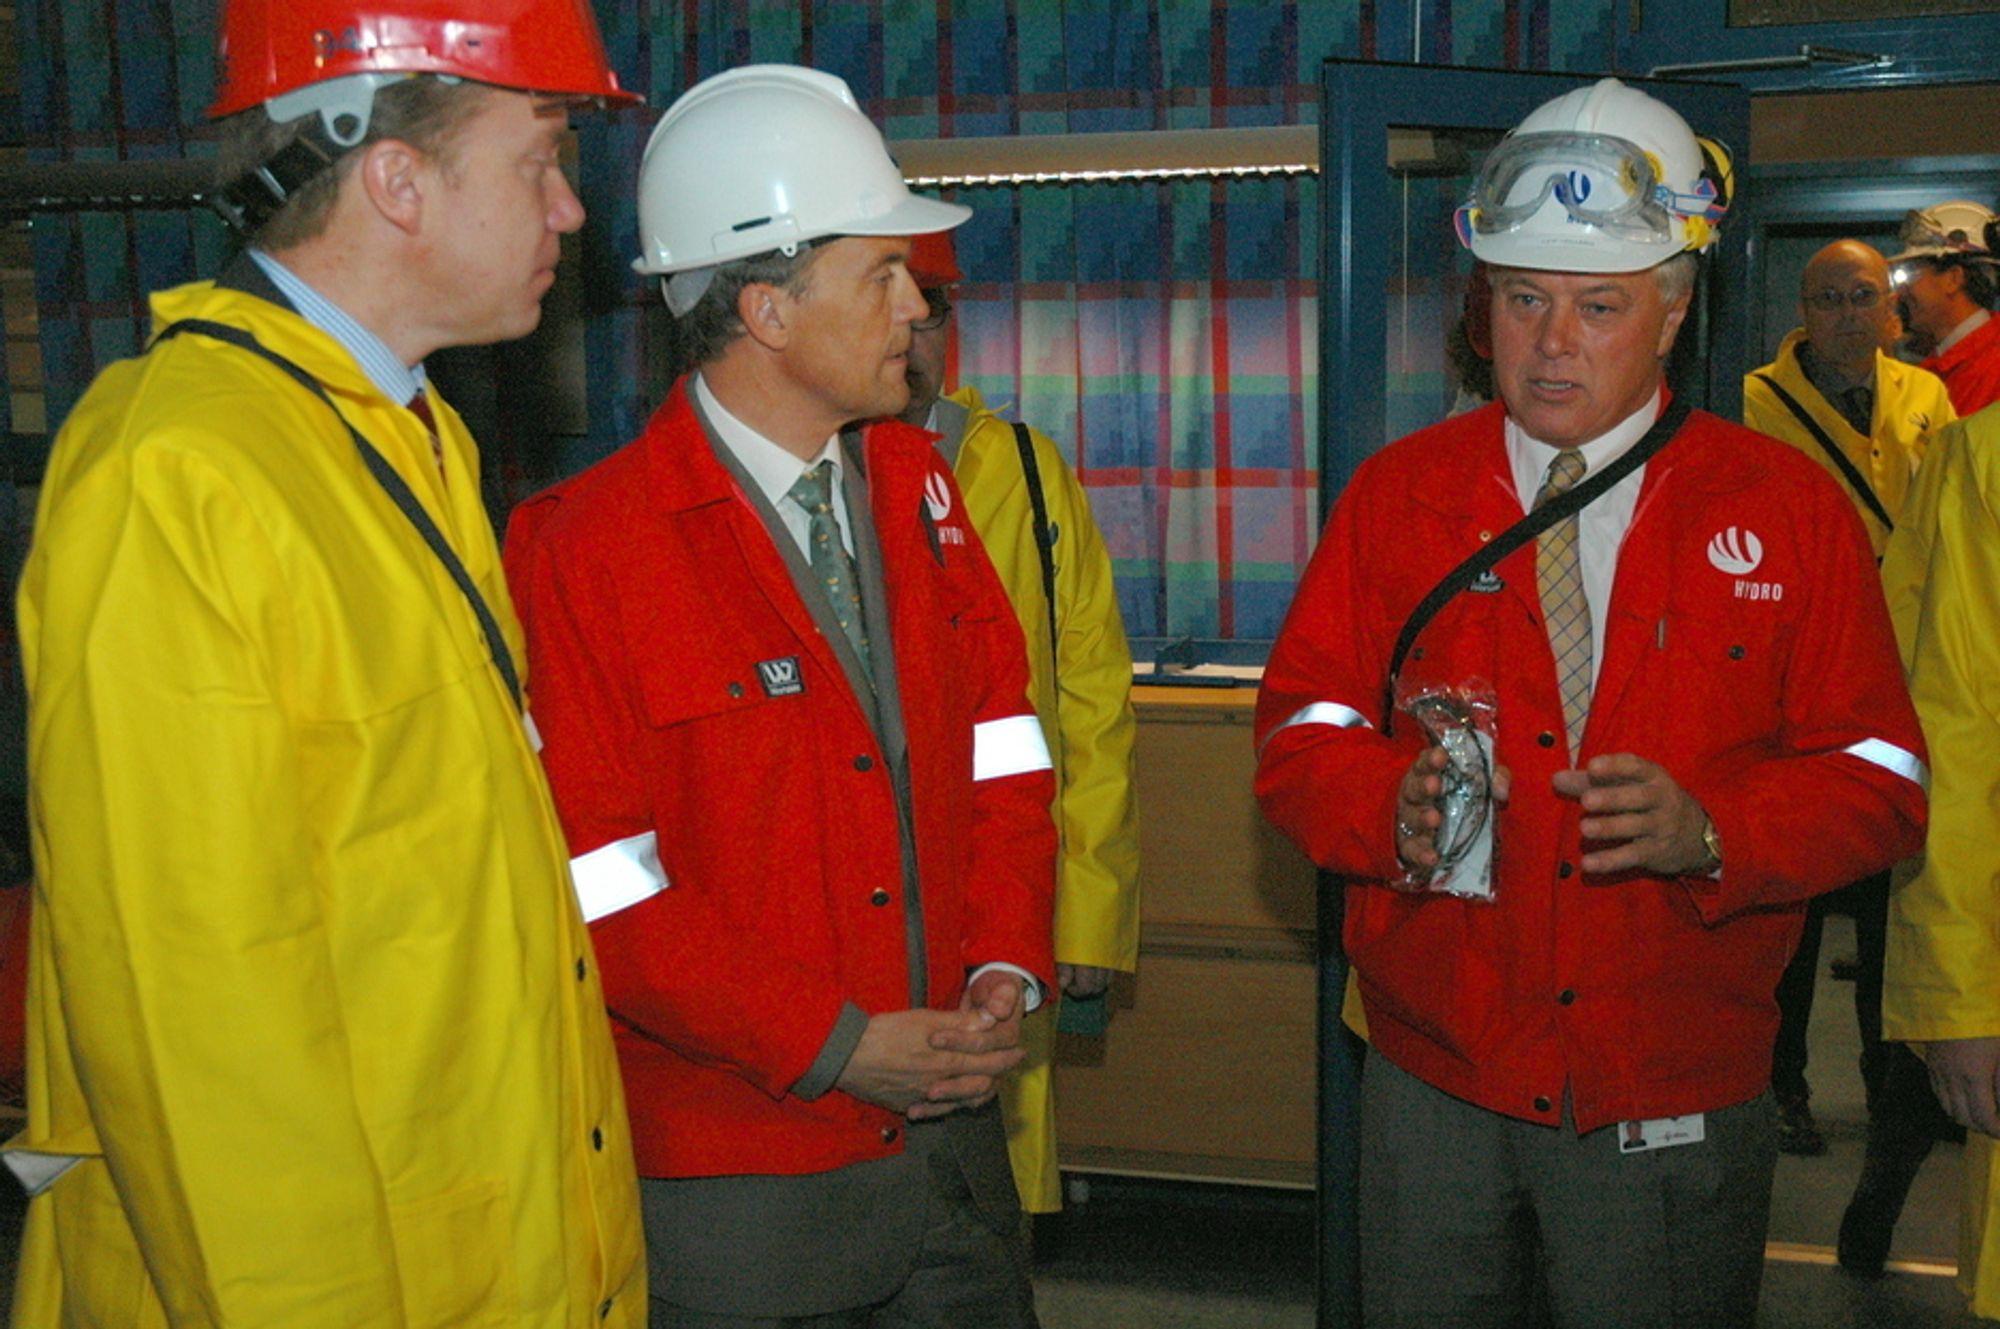 FORTELLER: Fabrikkdirektør leif Hellebøe, til høyre, forteller Børge Brende og Eivind Reiten om prosjektet. Her i kontrollrommet, hvor Hellebøes egne mannskaper har prosejkter og stått for idrftsettelsen av det avanserte kontrollanlegget.